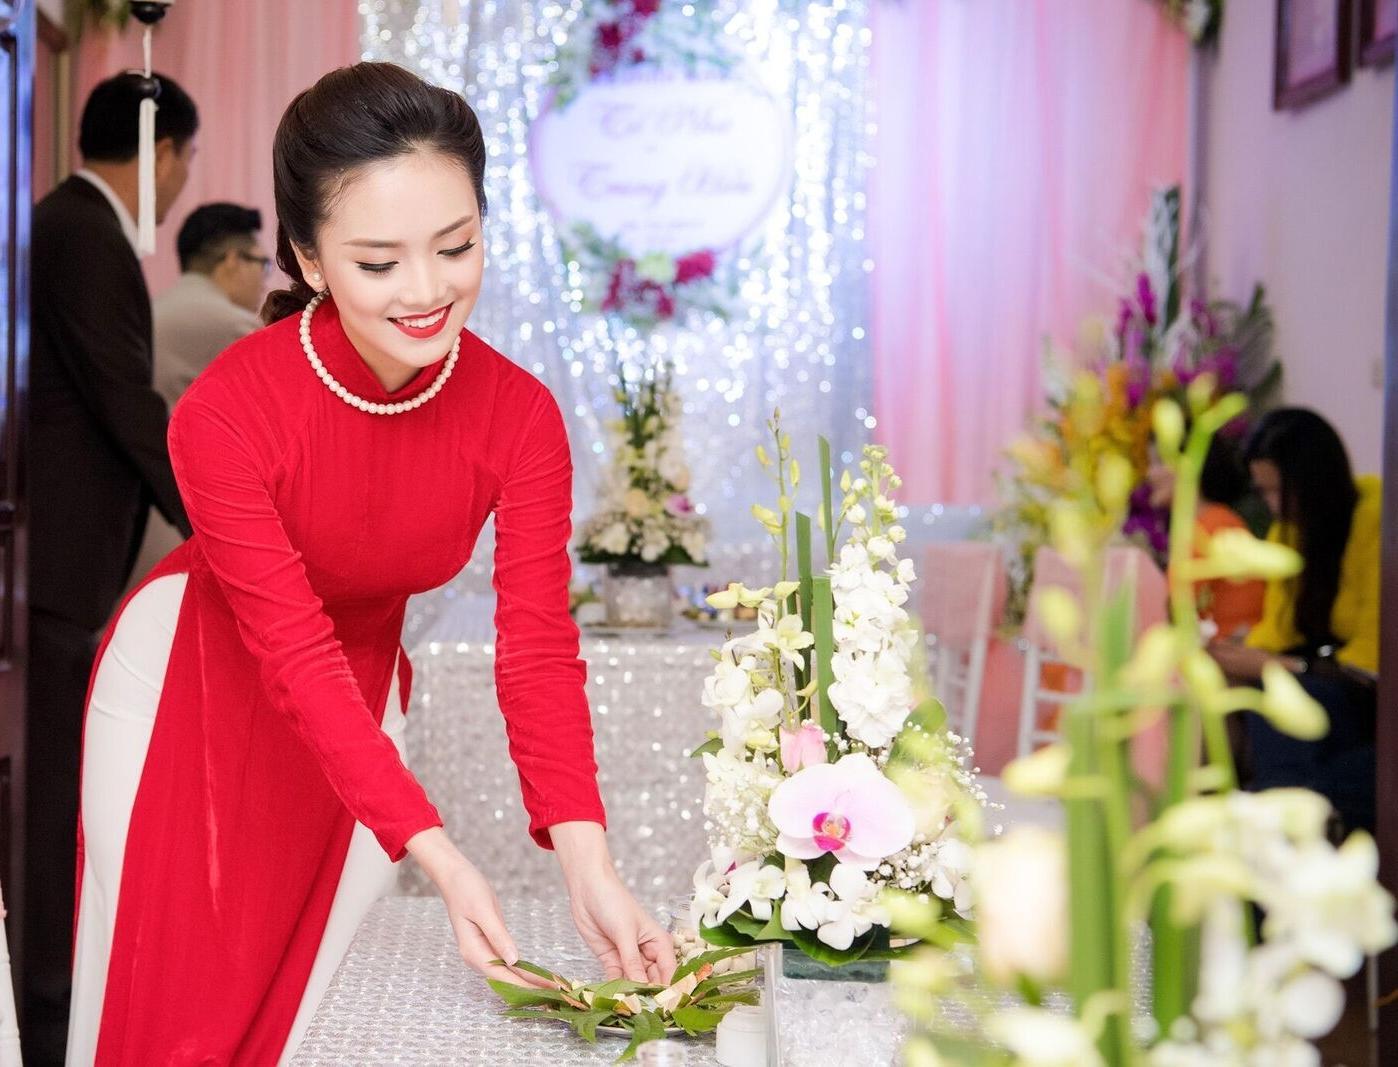 Hoa hậu khả ái Trần Tố Như nở nụ cười rạng rỡ, nắm chặt tay hot boy cảnh sát trong suốt lễ ăn hỏi-9